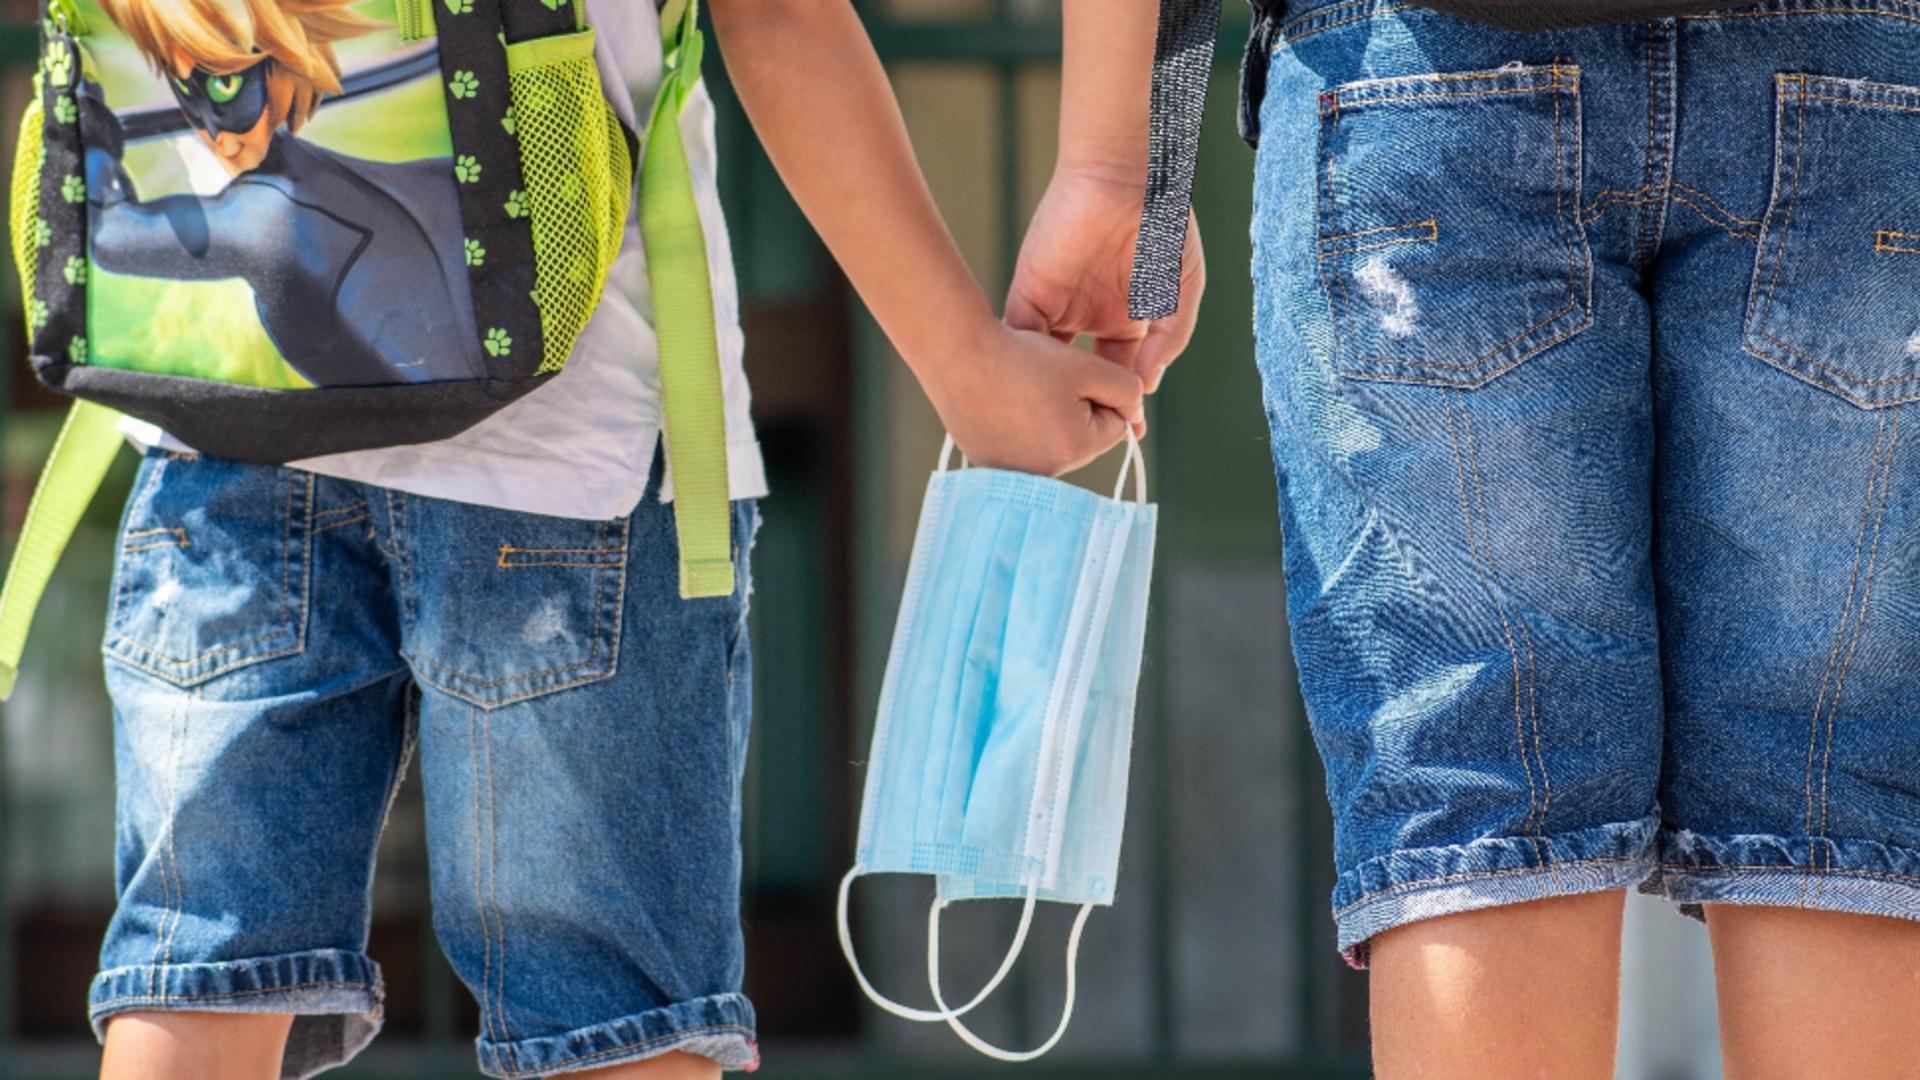 ȘCOLI închise din greșeală de autorități / Foto: Profi Media